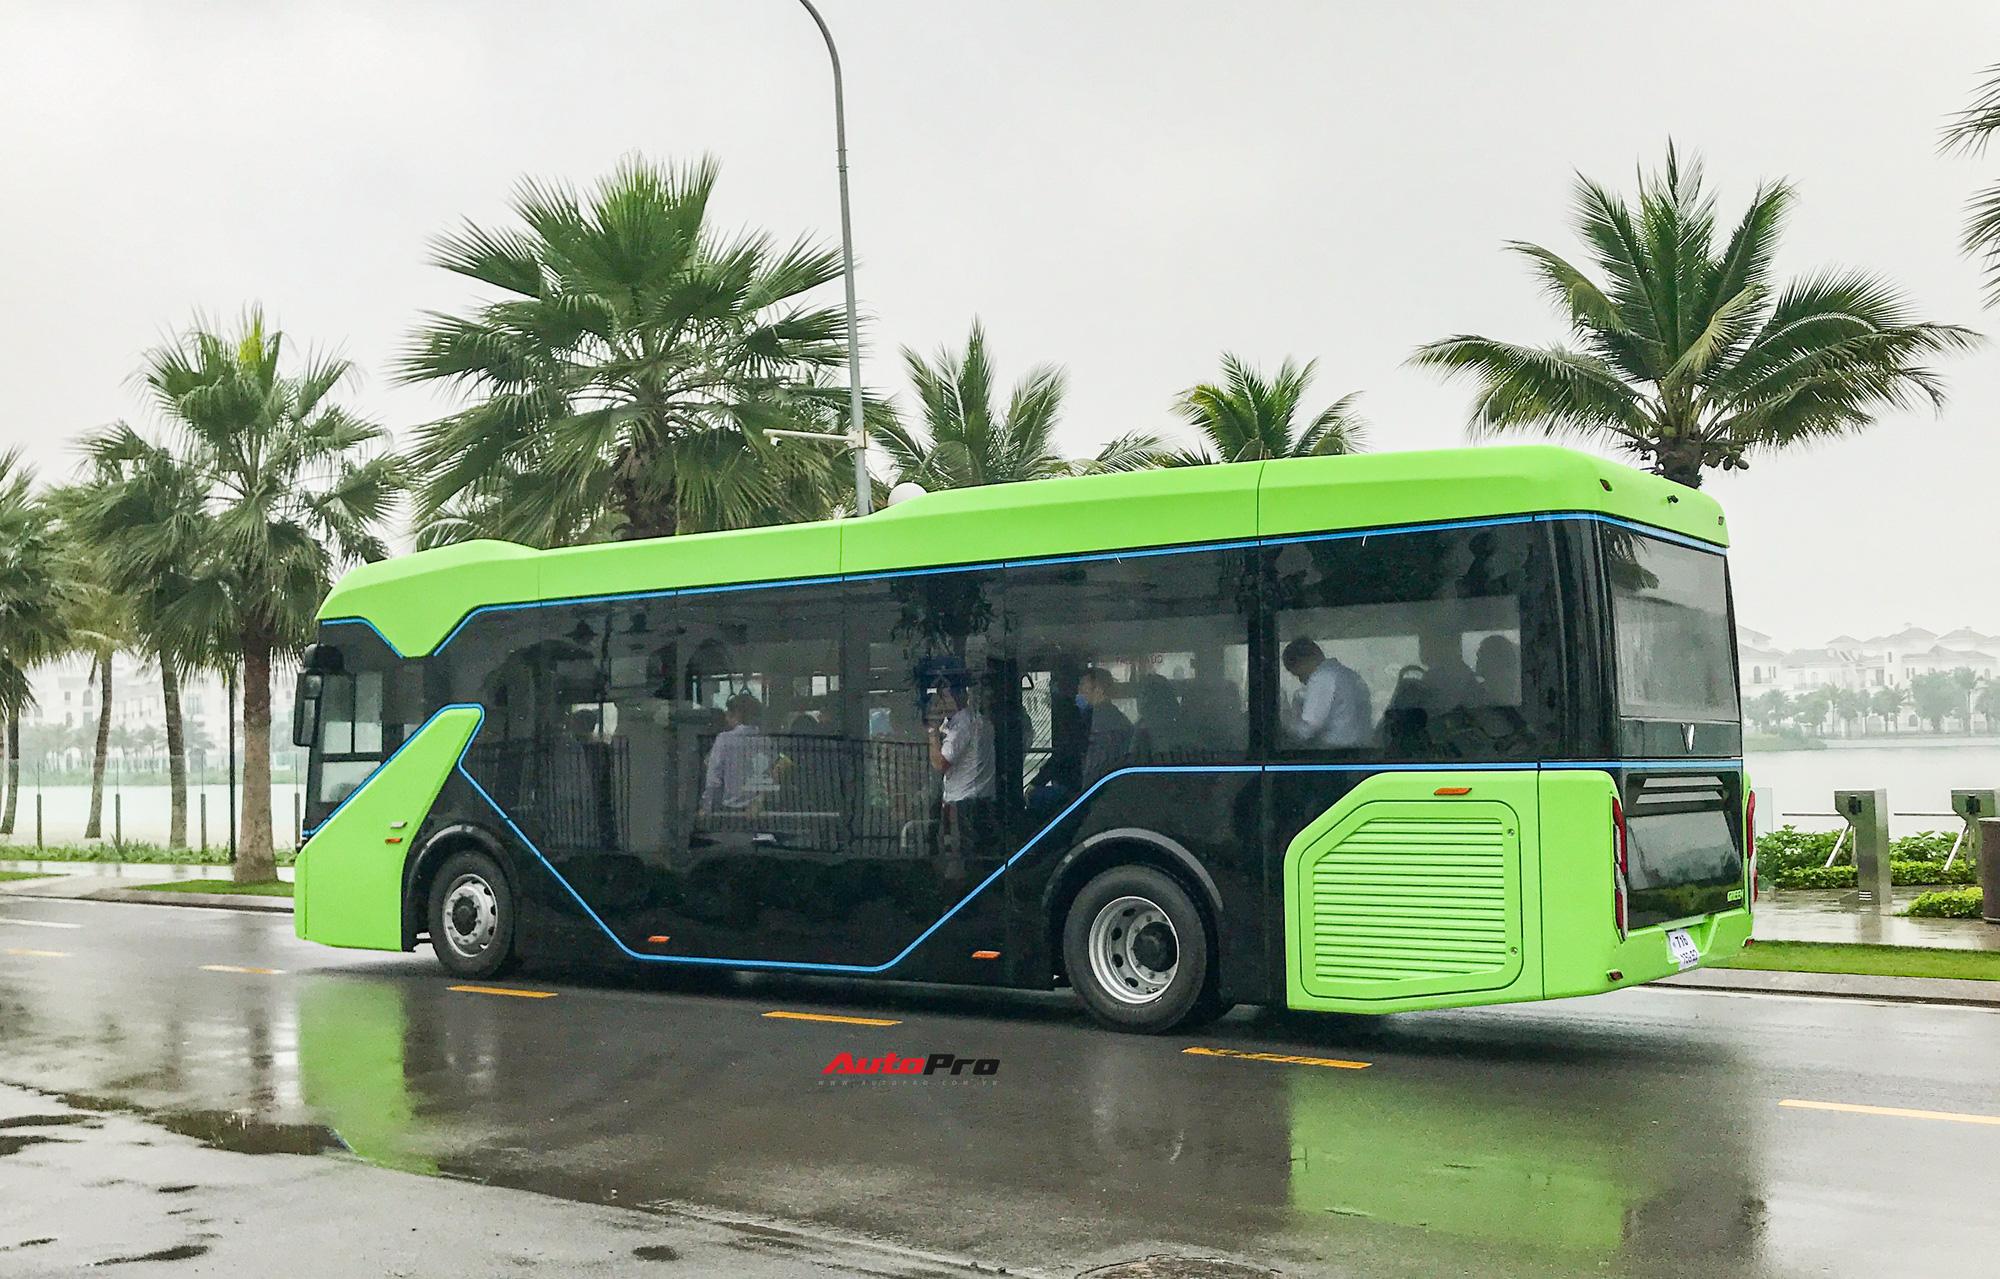 img2682 1617335634012124411507 VinBus đầu tiên lăn bánh tại Hà Nội: Êm, không khí thải, bãi đỗ có pin mặt trời, có khu rửa xe riêng 'xịn sò'